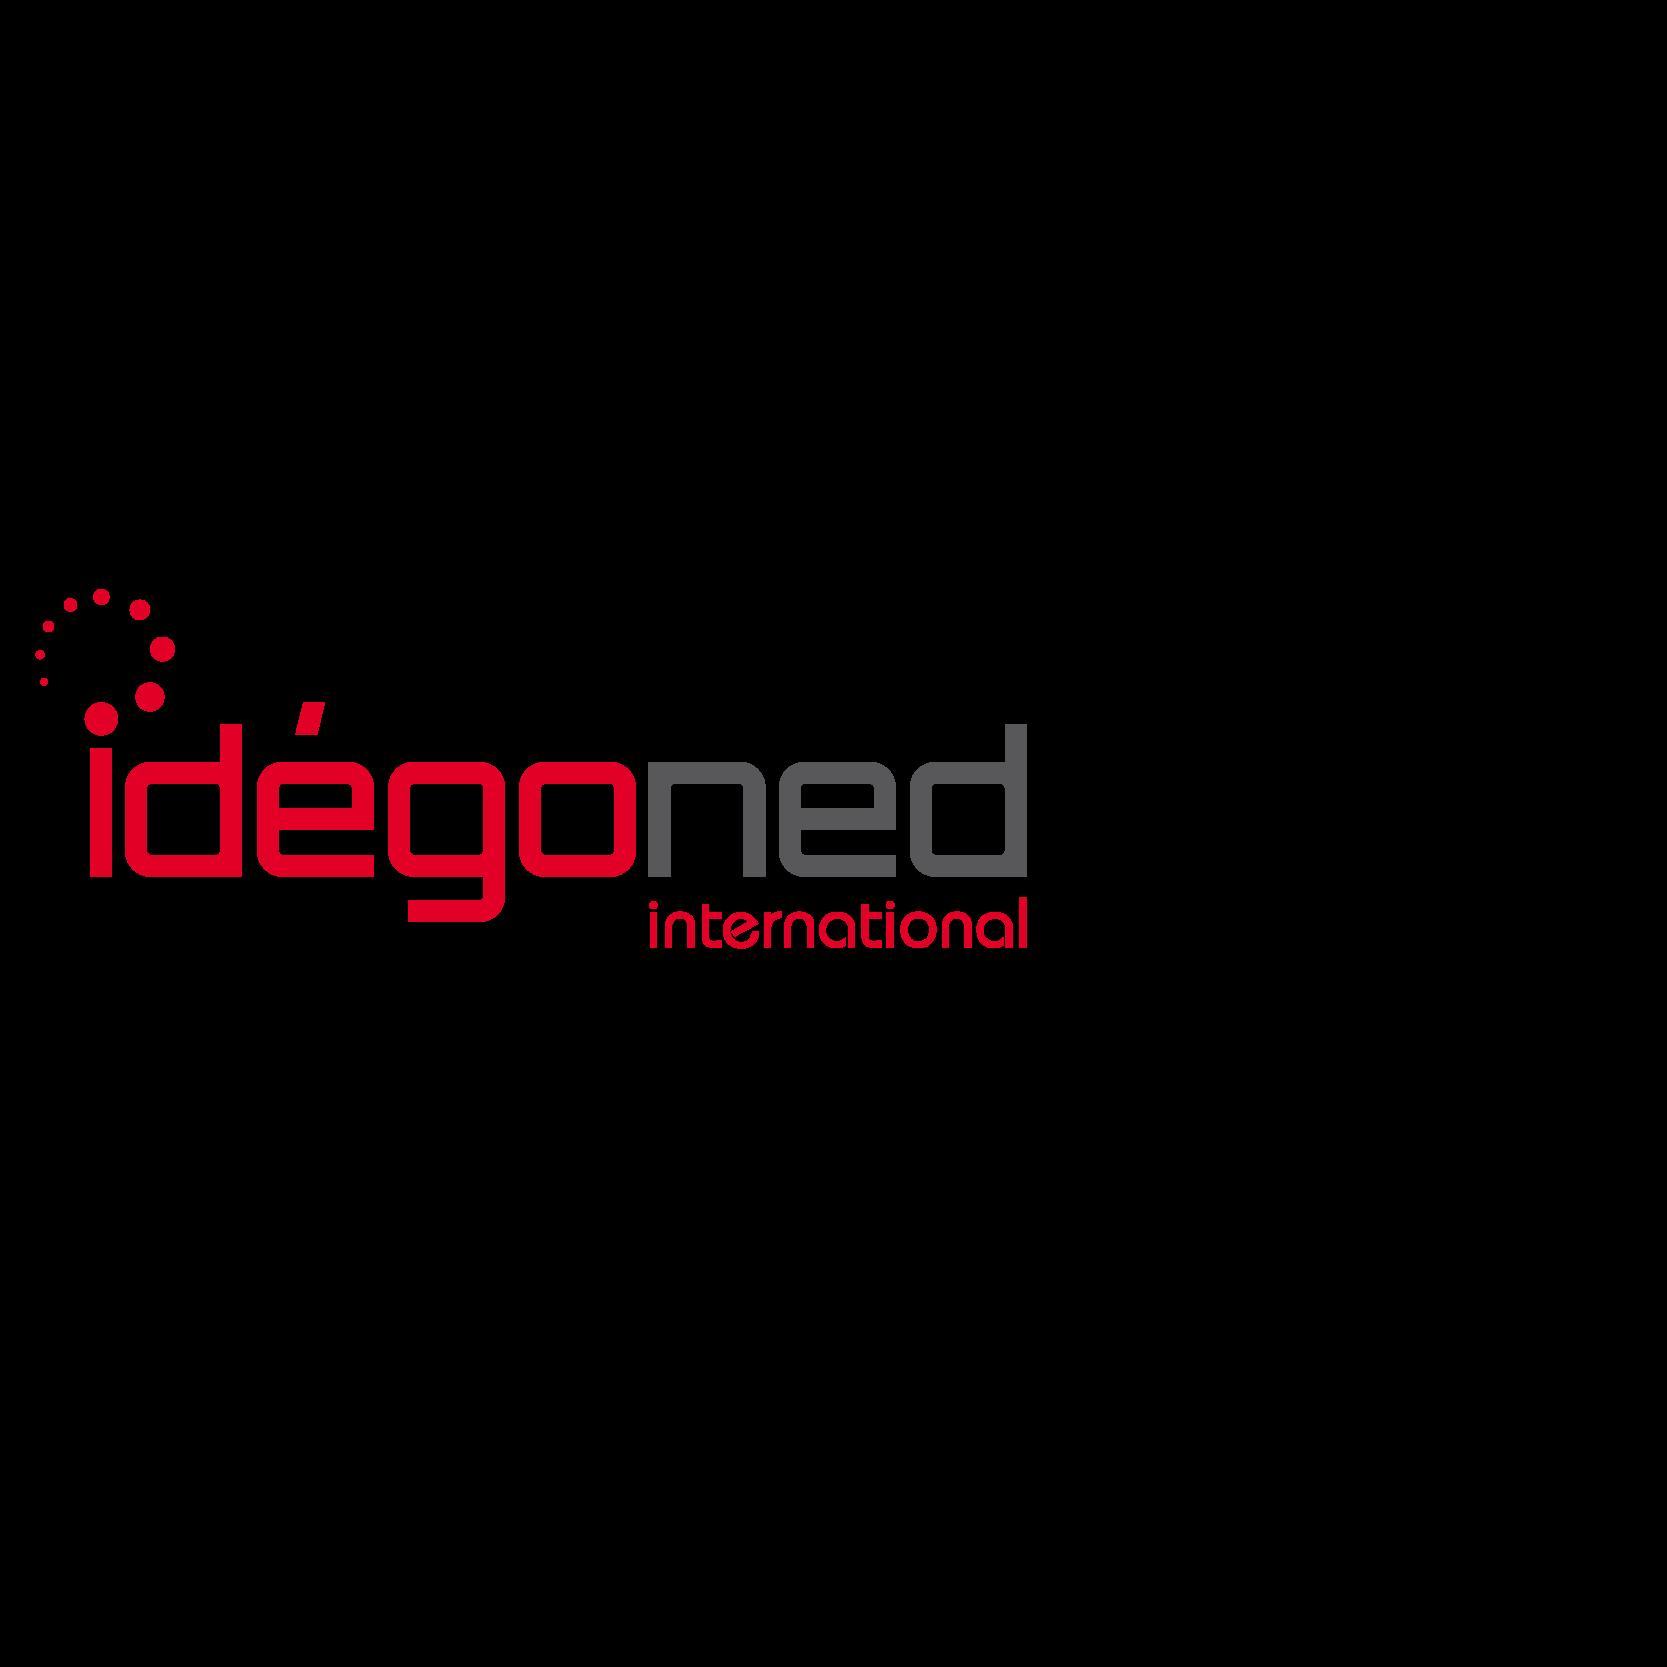 idegoned_logo_400x400